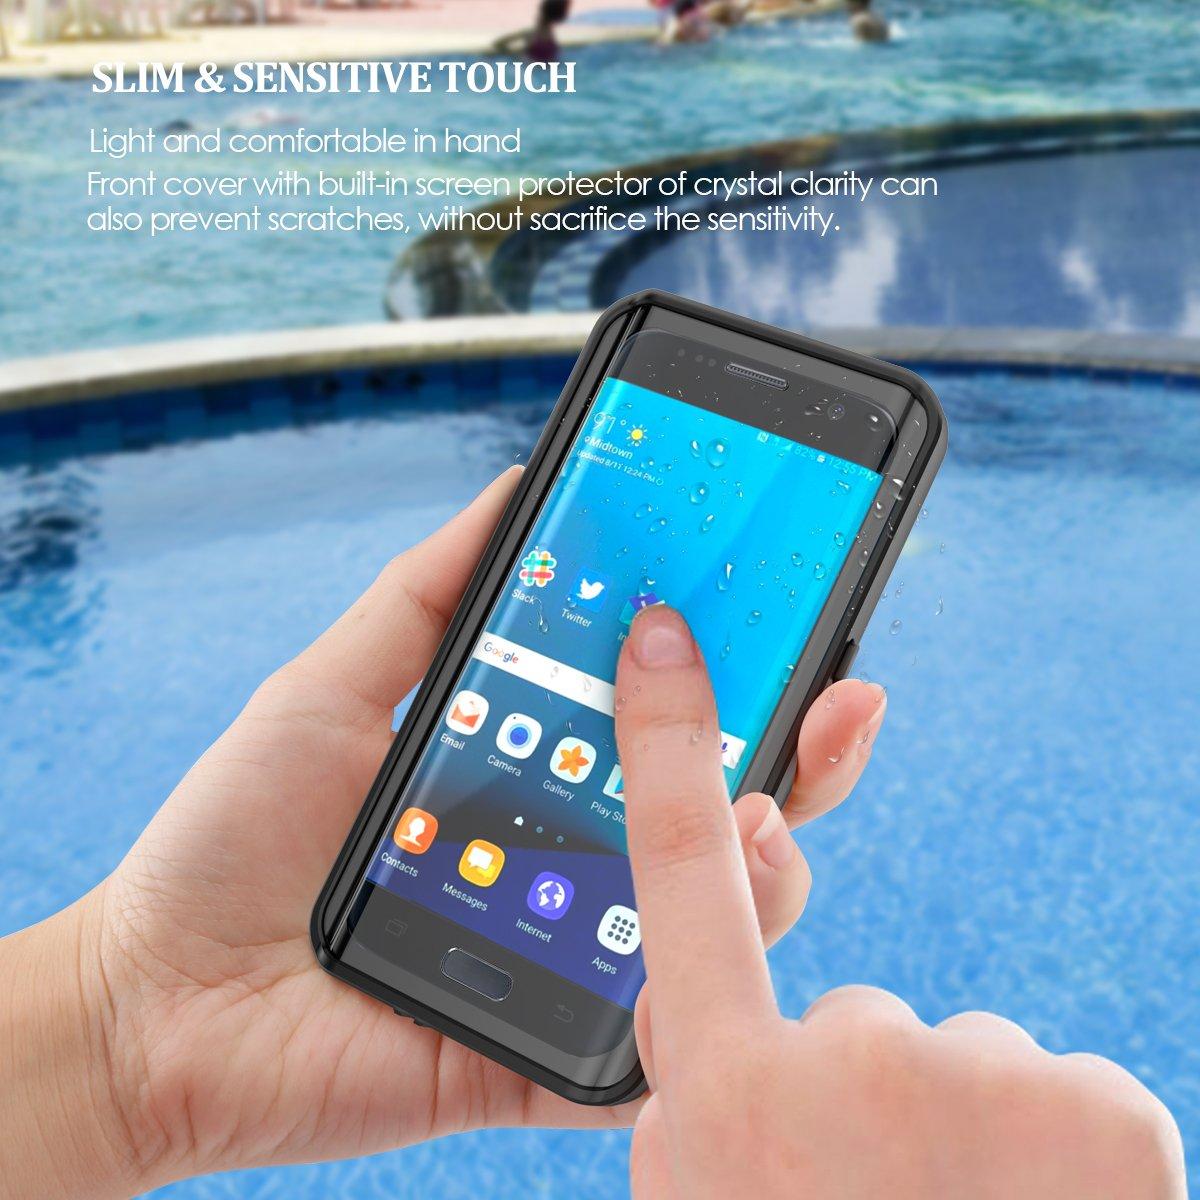 Kompatibel mit Samsung Galaxy S7 Edge Wasserfeste H/ülle Schwarz IP68 Wasserdichte 360 Grad Ganzk/örperabdeckung mit Displayschutz Sto/ßfest Schutzh/ülle Handytasche f/ür Samsung Galaxy S7 Edge